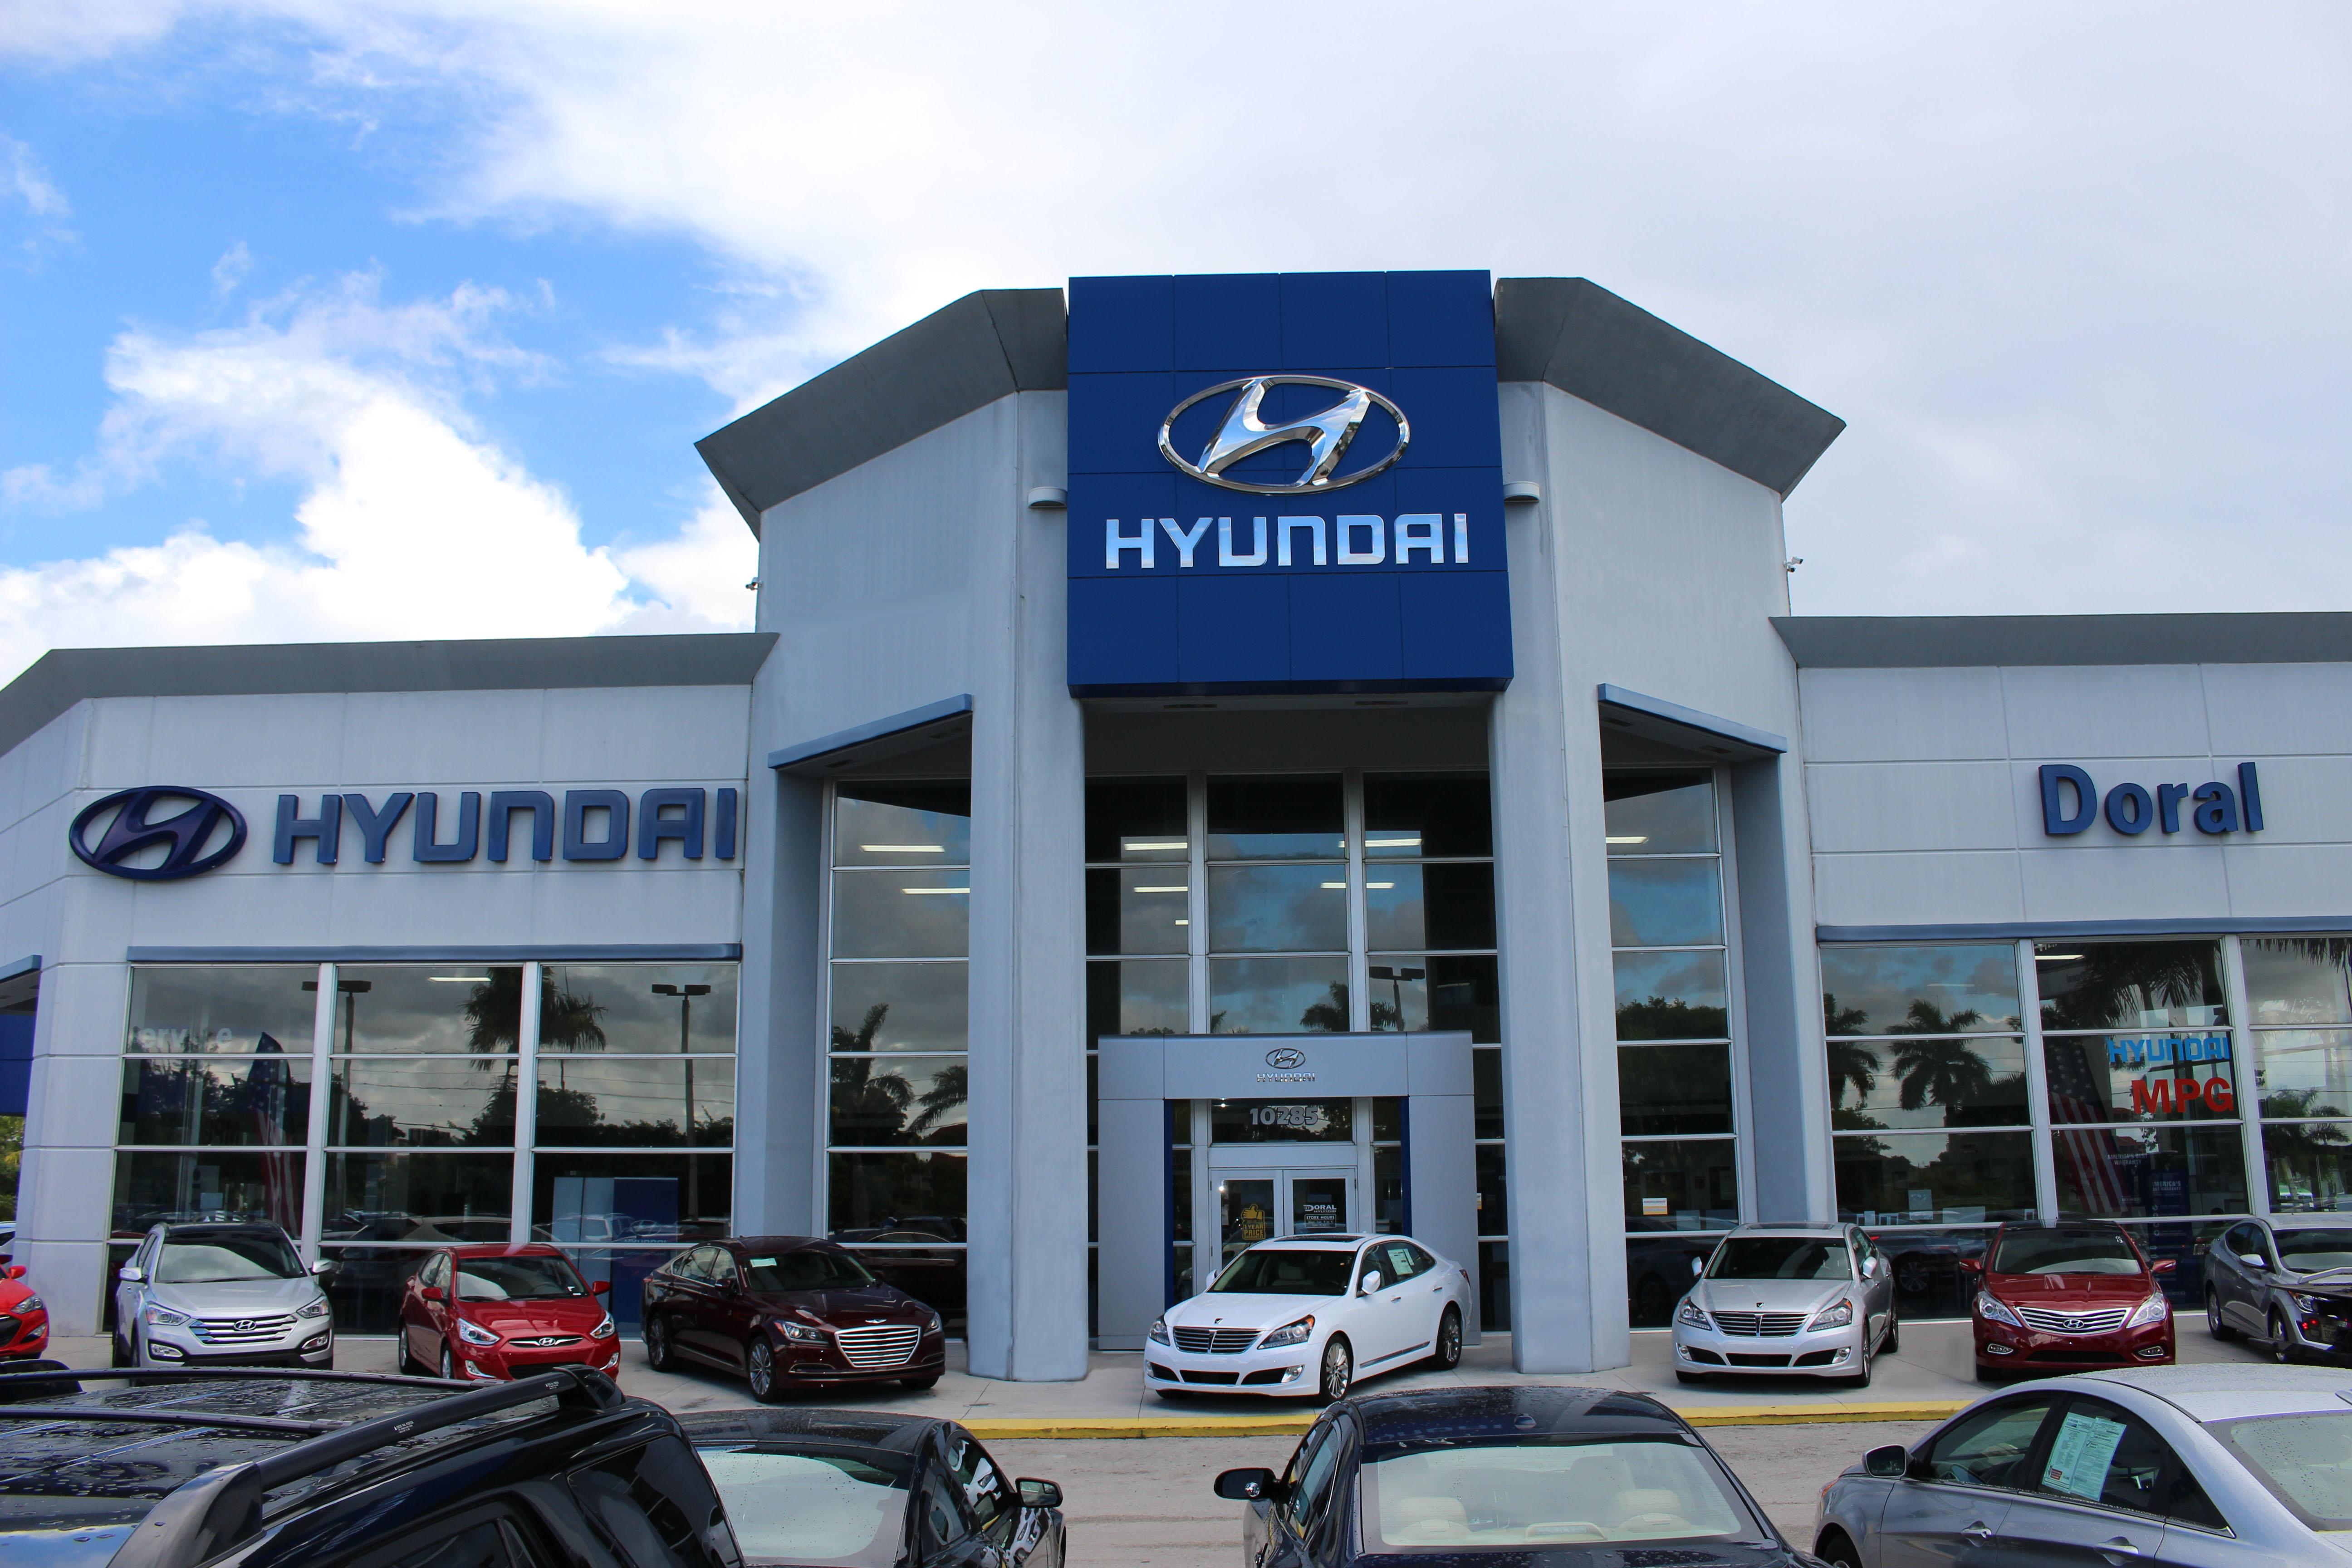 Doral Hyundai In Doral Fl Whitepages